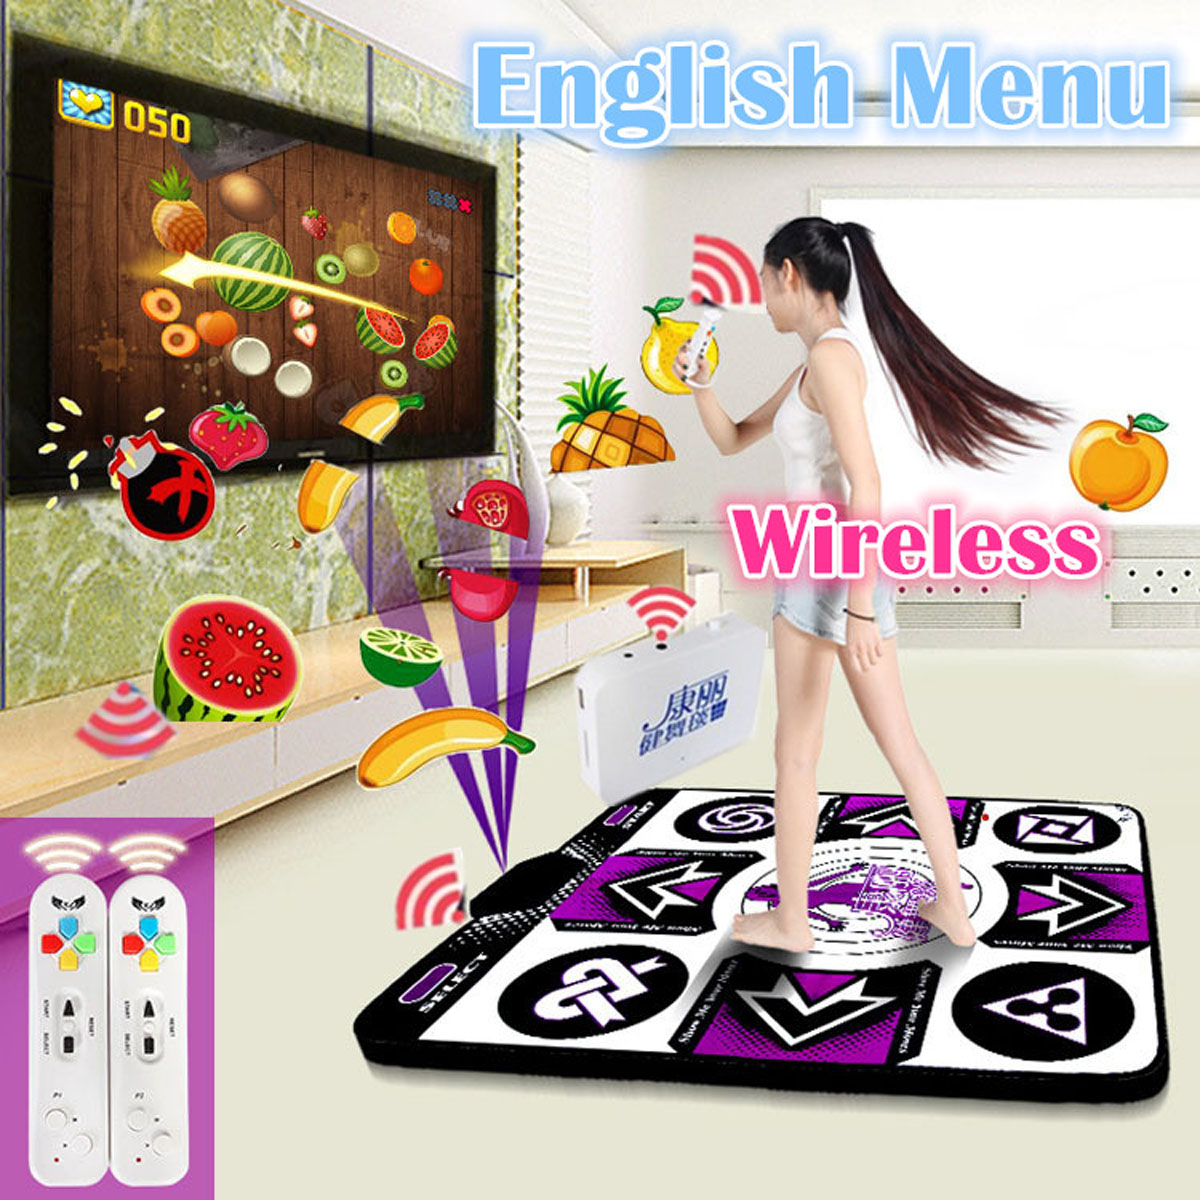 D'origine KL Anglais menu 11mm épaisseur simple tapis de danse Non-Slip pad yoga tapis + 2 télécommande sens jeu pour PC et TV